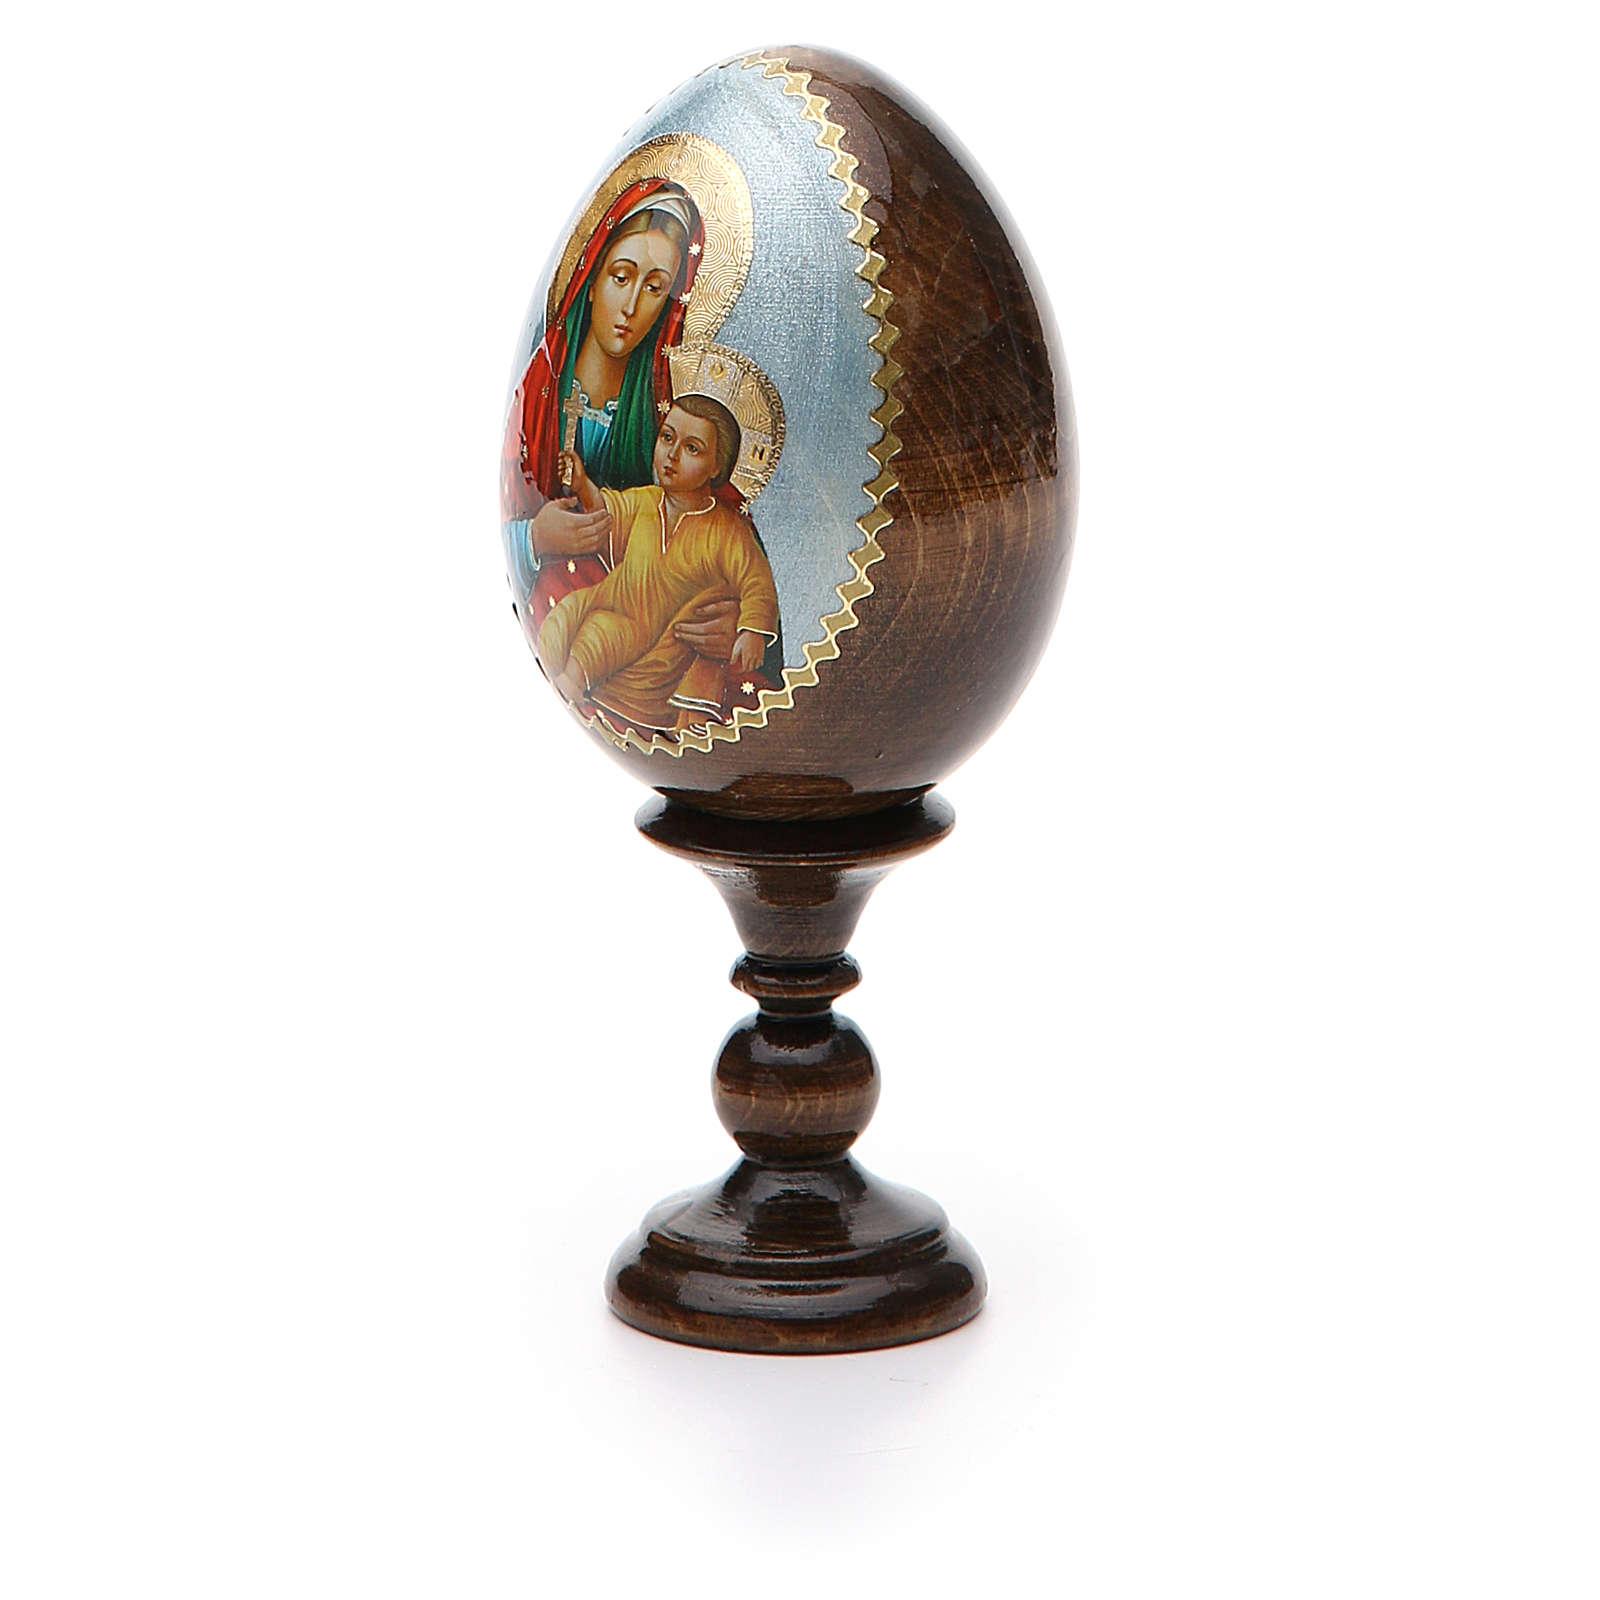 Russian Egg Mother of God Kozelshanskaya découpage 13cm 4